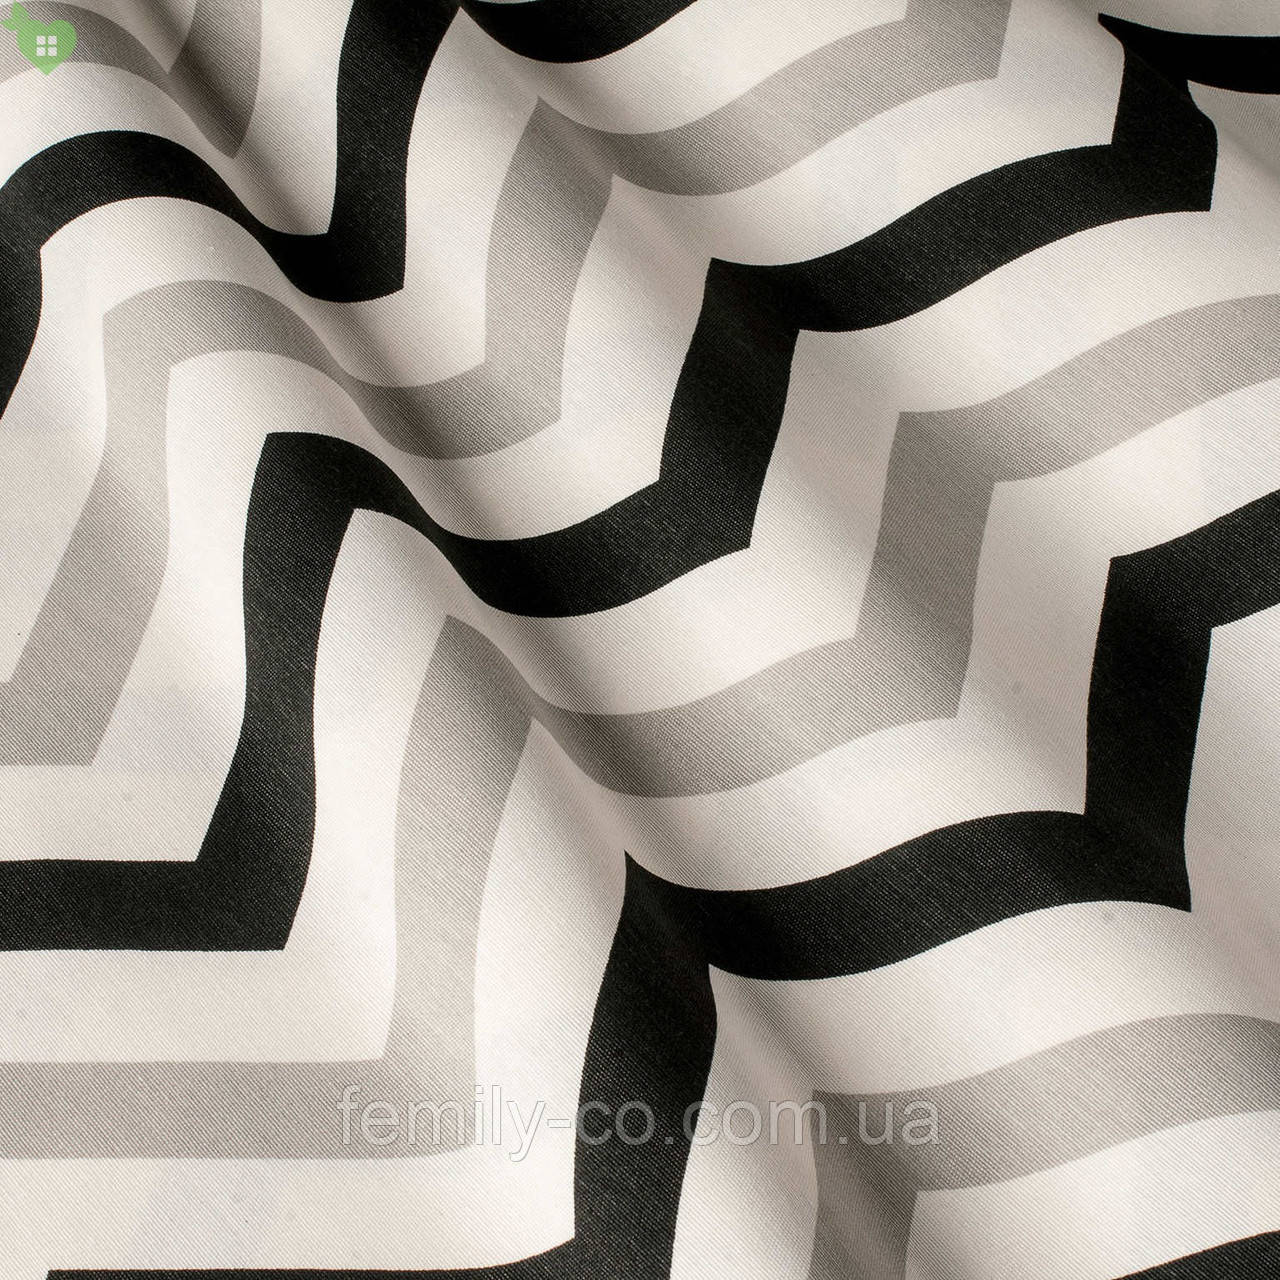 Декоративная ткань с зигзагообразными полосами молочного черного и серебристого цвета с тефлоном 82863v3